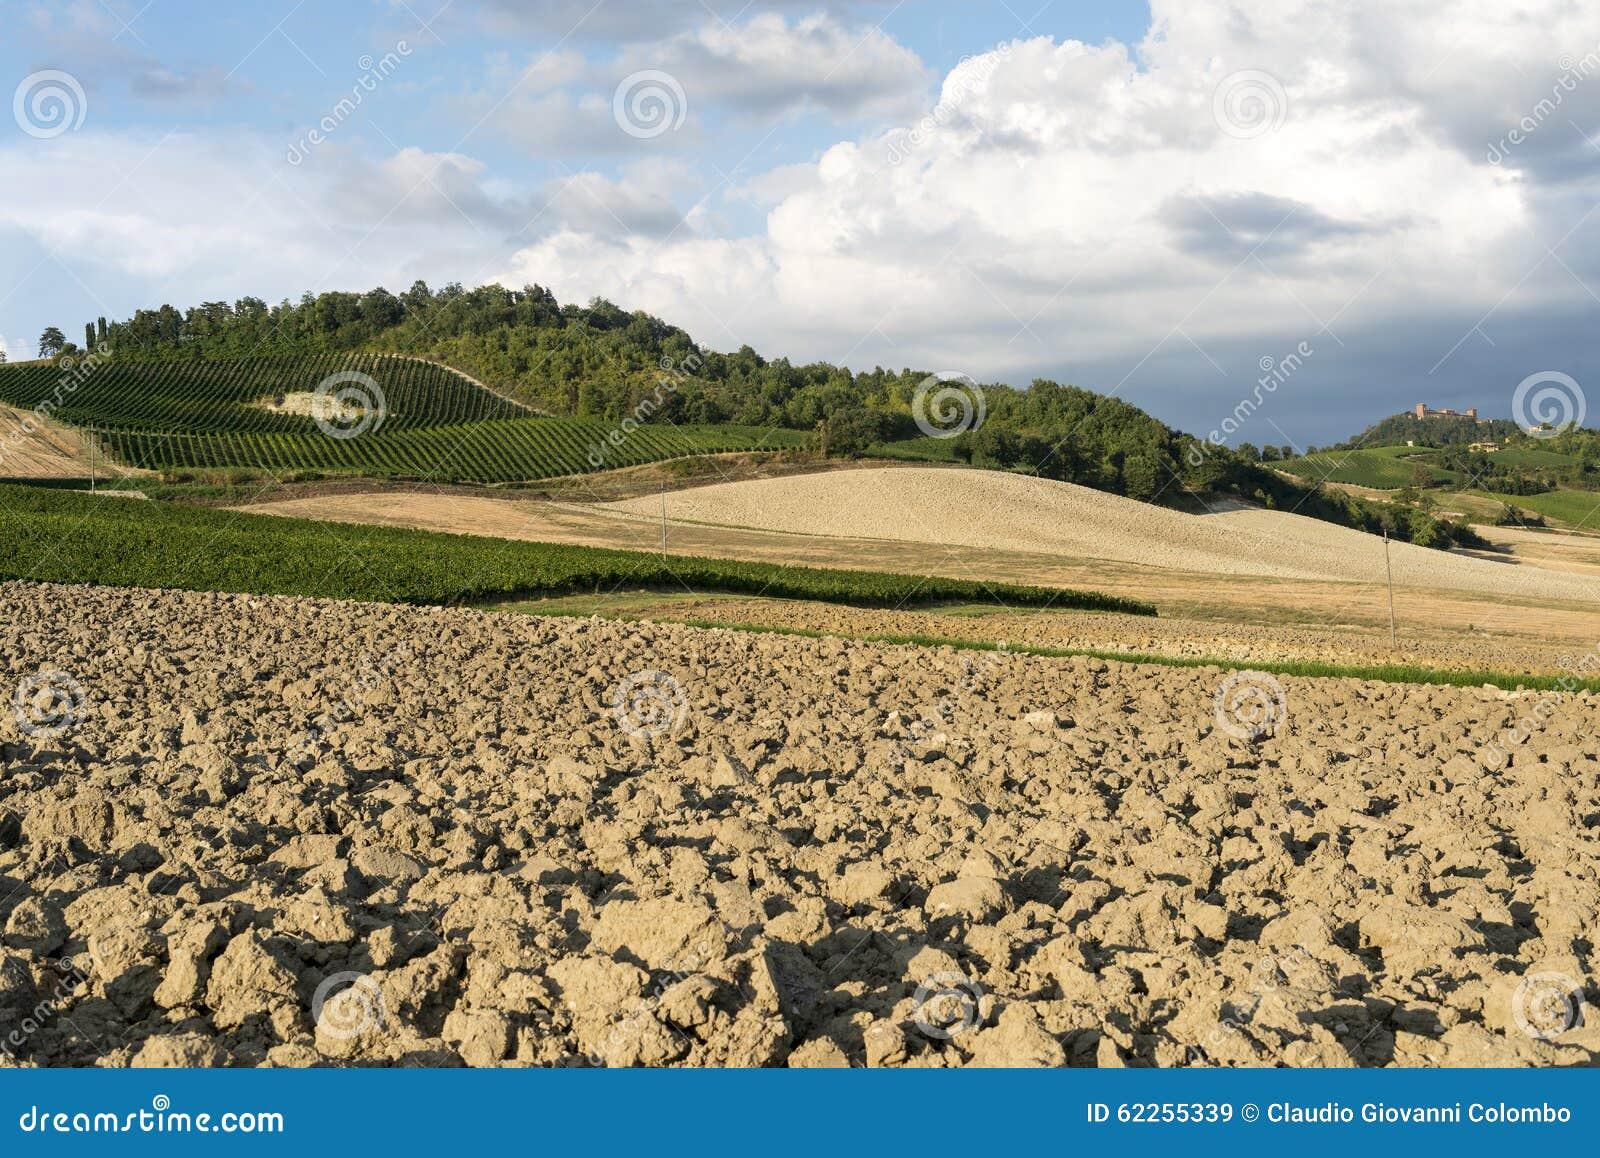 Vignobles dans oltrepo pavese italie image stock image for Dans italien